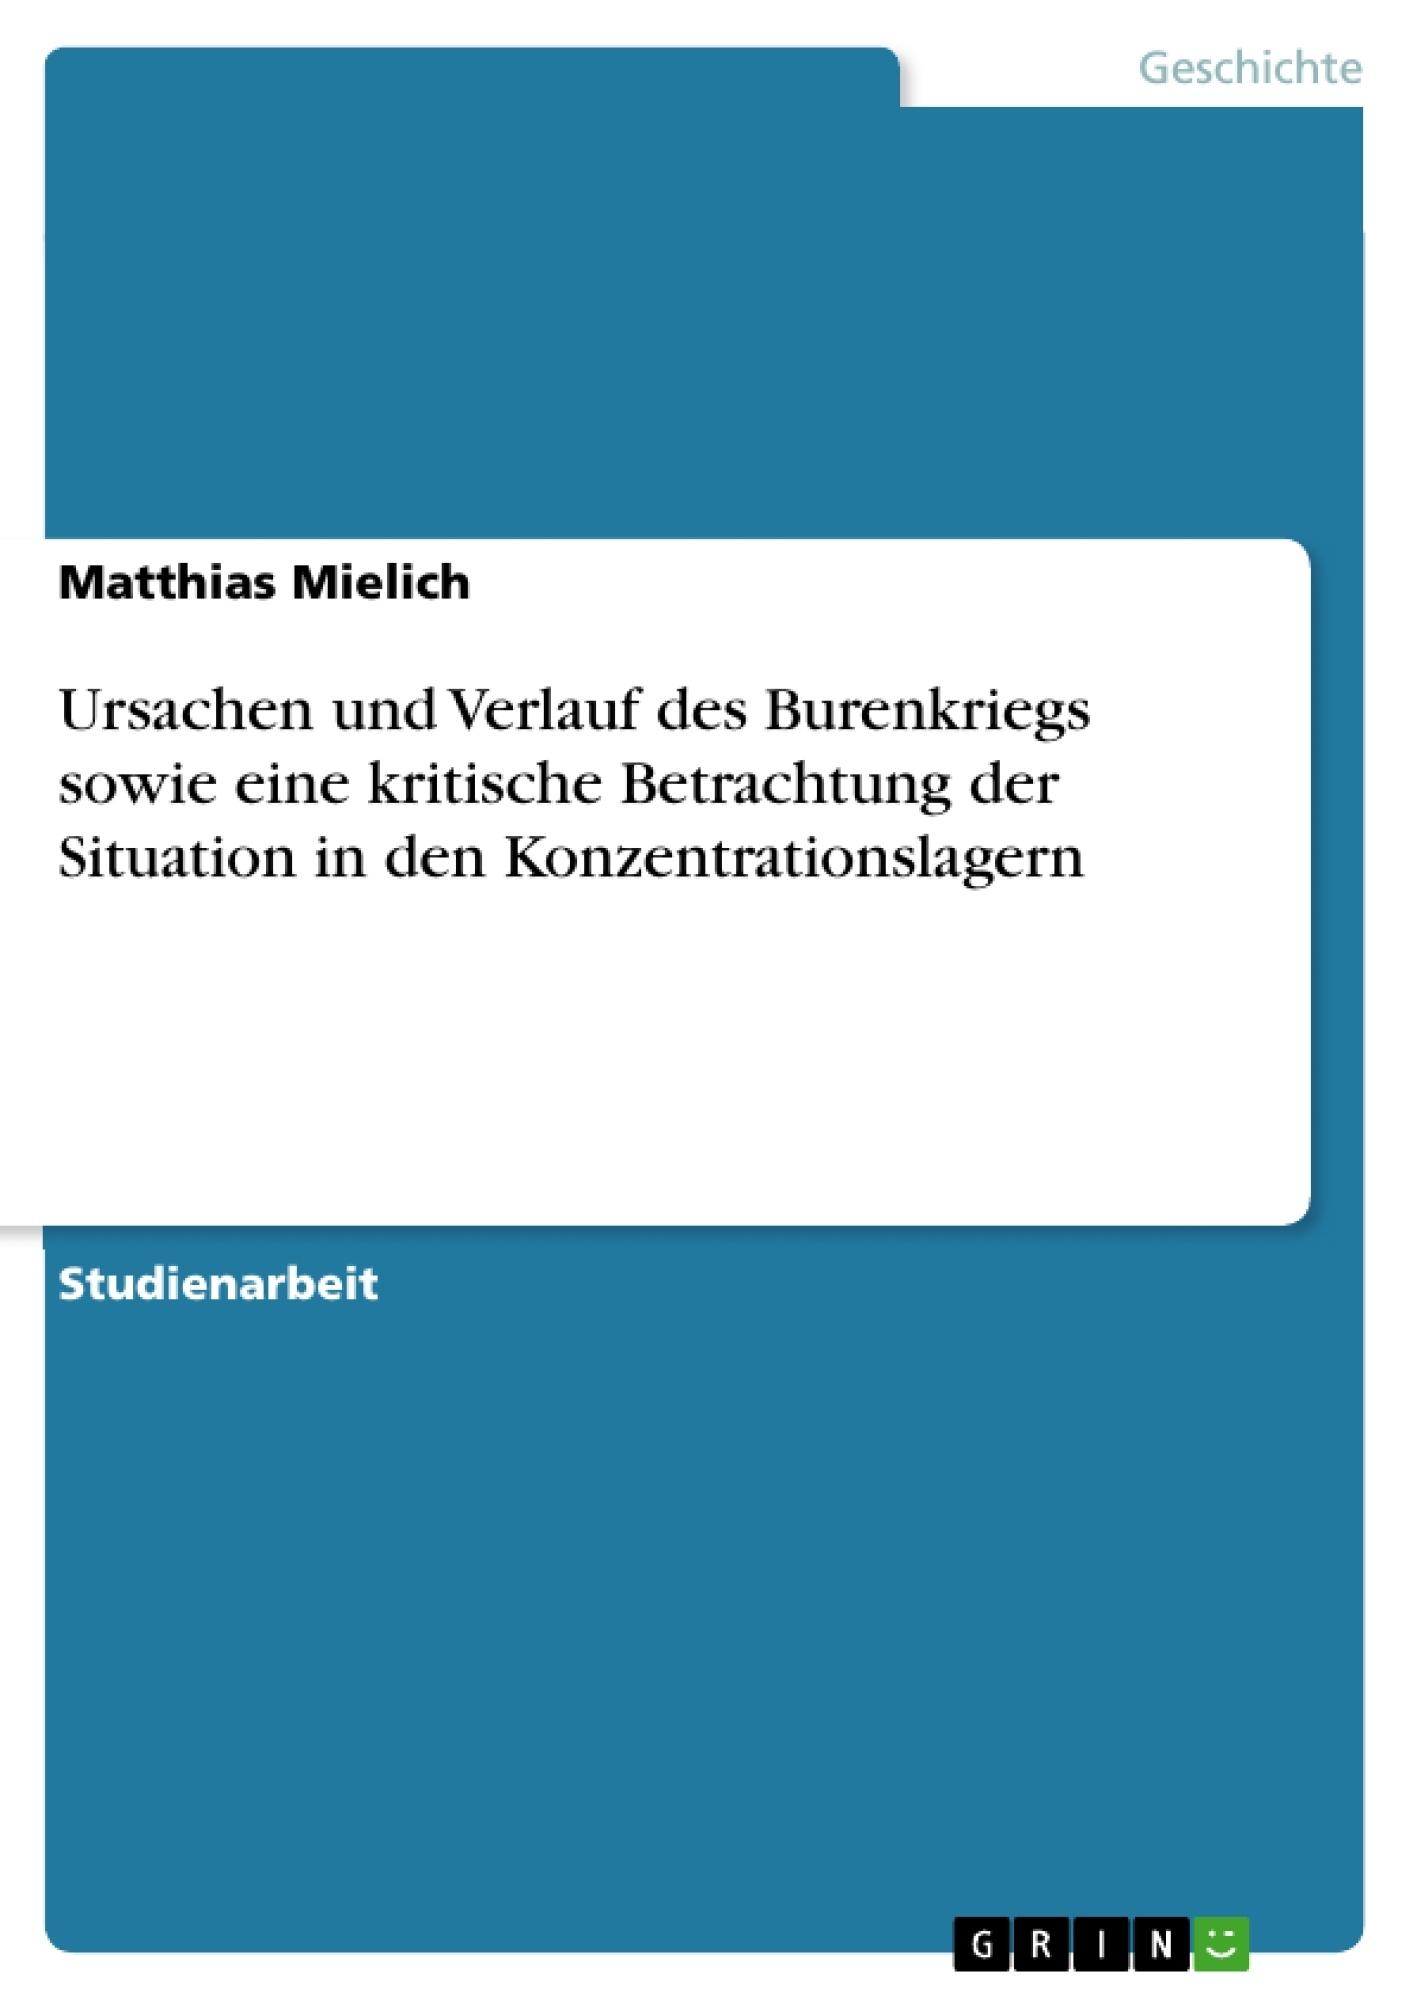 Titel: Ursachen und Verlauf des Burenkriegs sowie eine kritische Betrachtung der Situation in den Konzentrationslagern